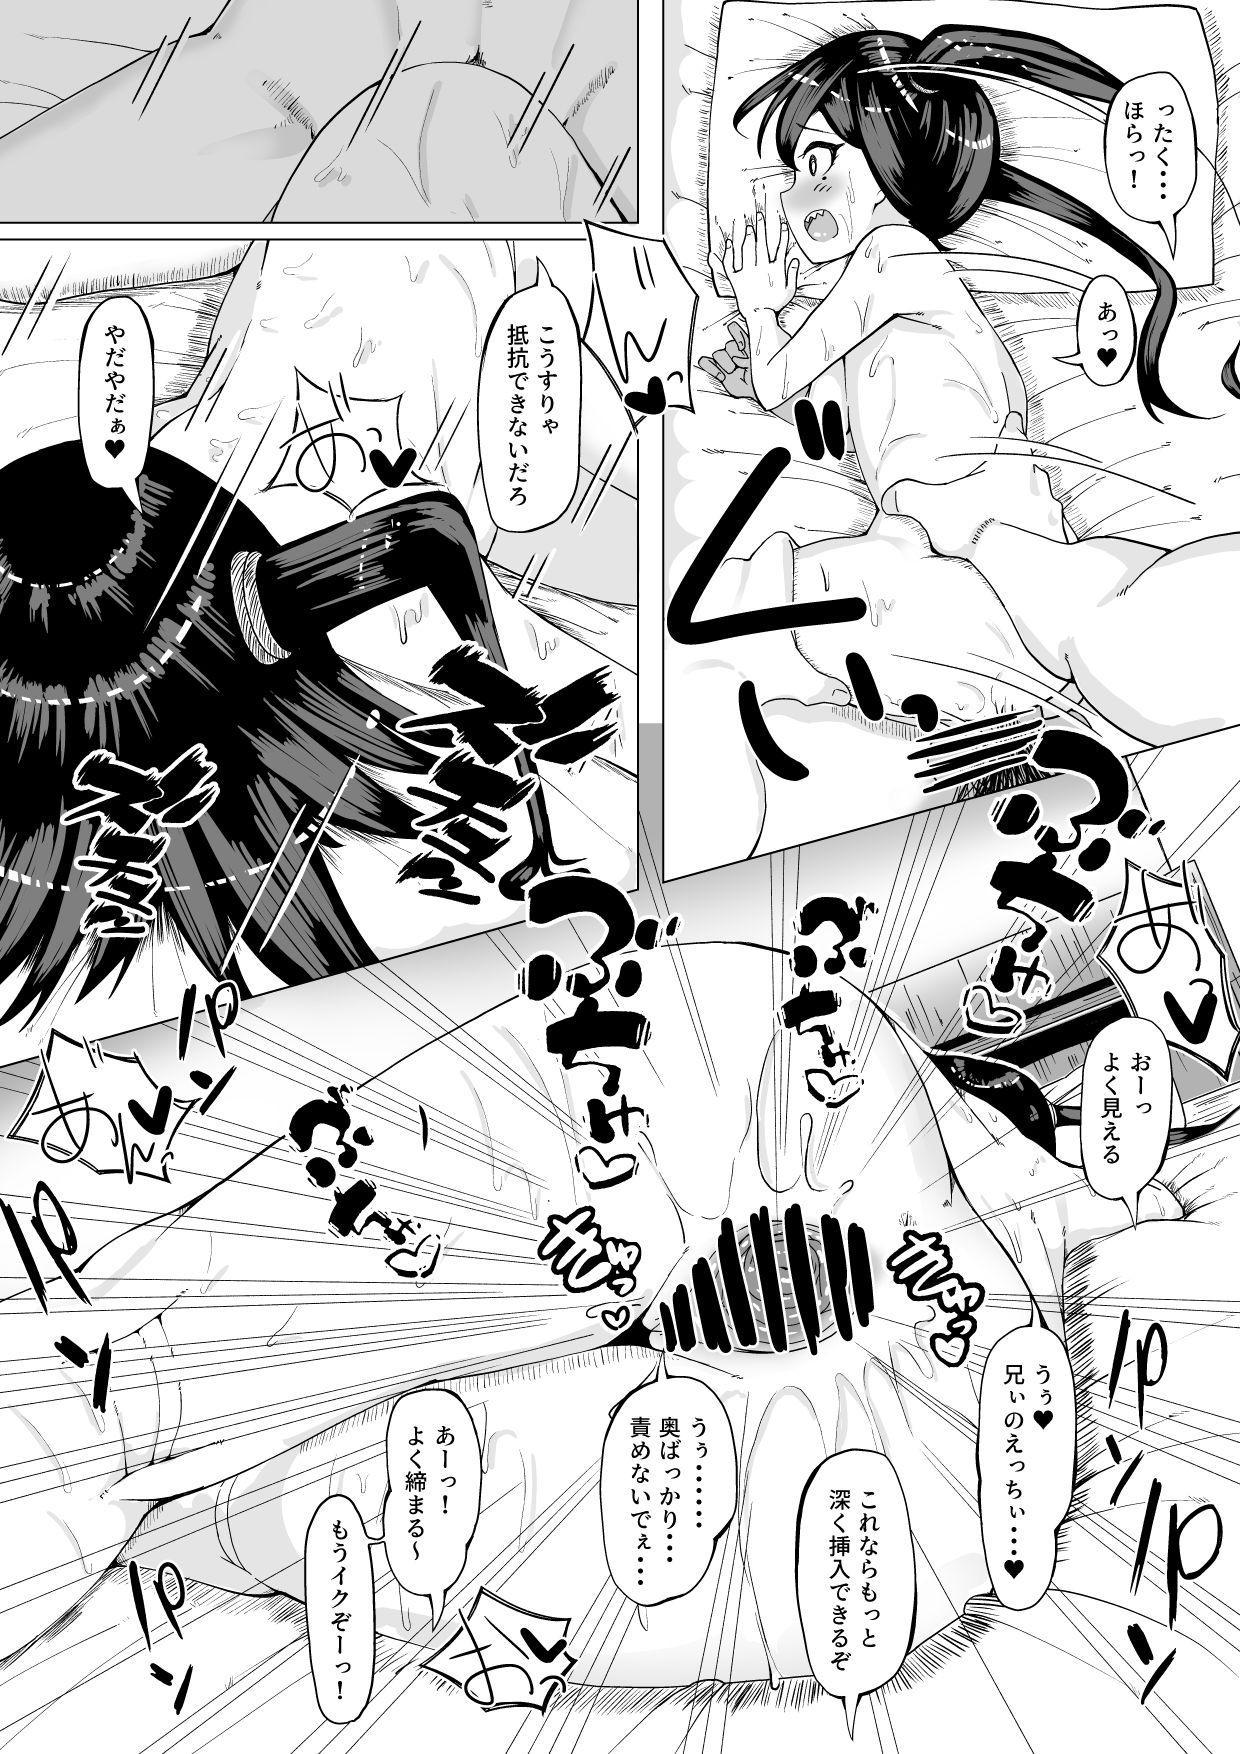 Ima! Haishinchuu desu! 16